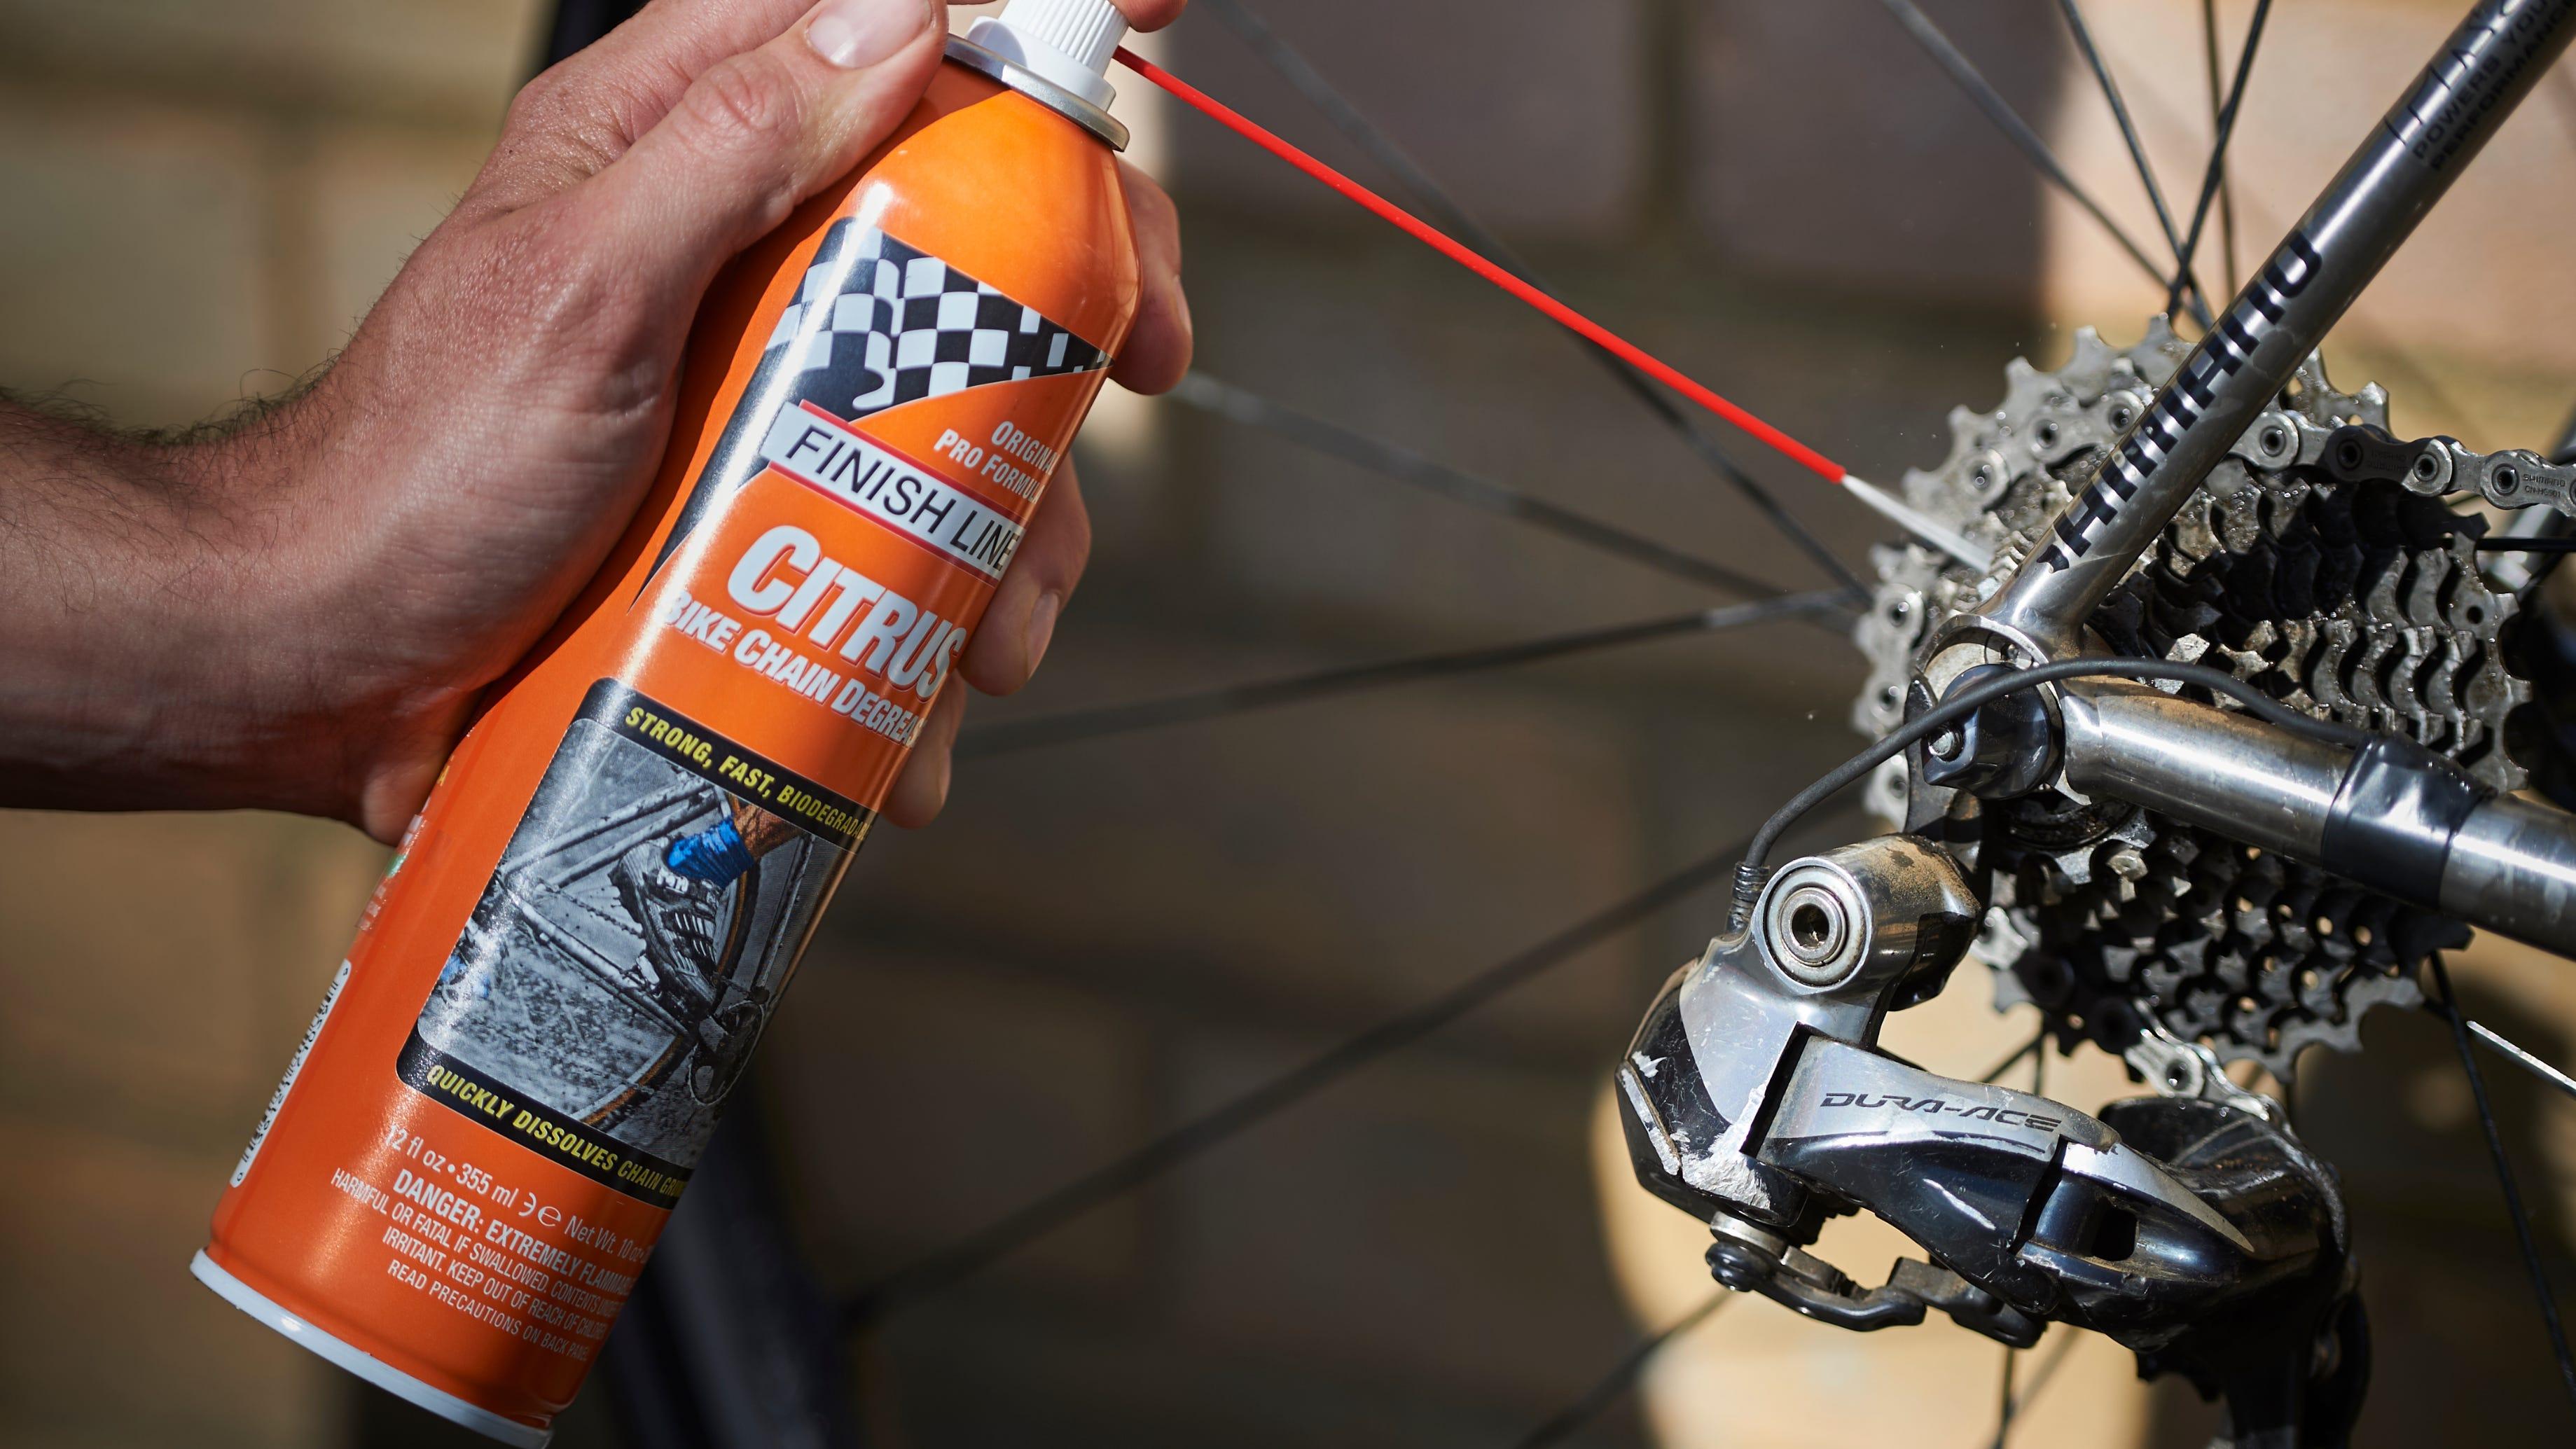 Bike cleaning essentials